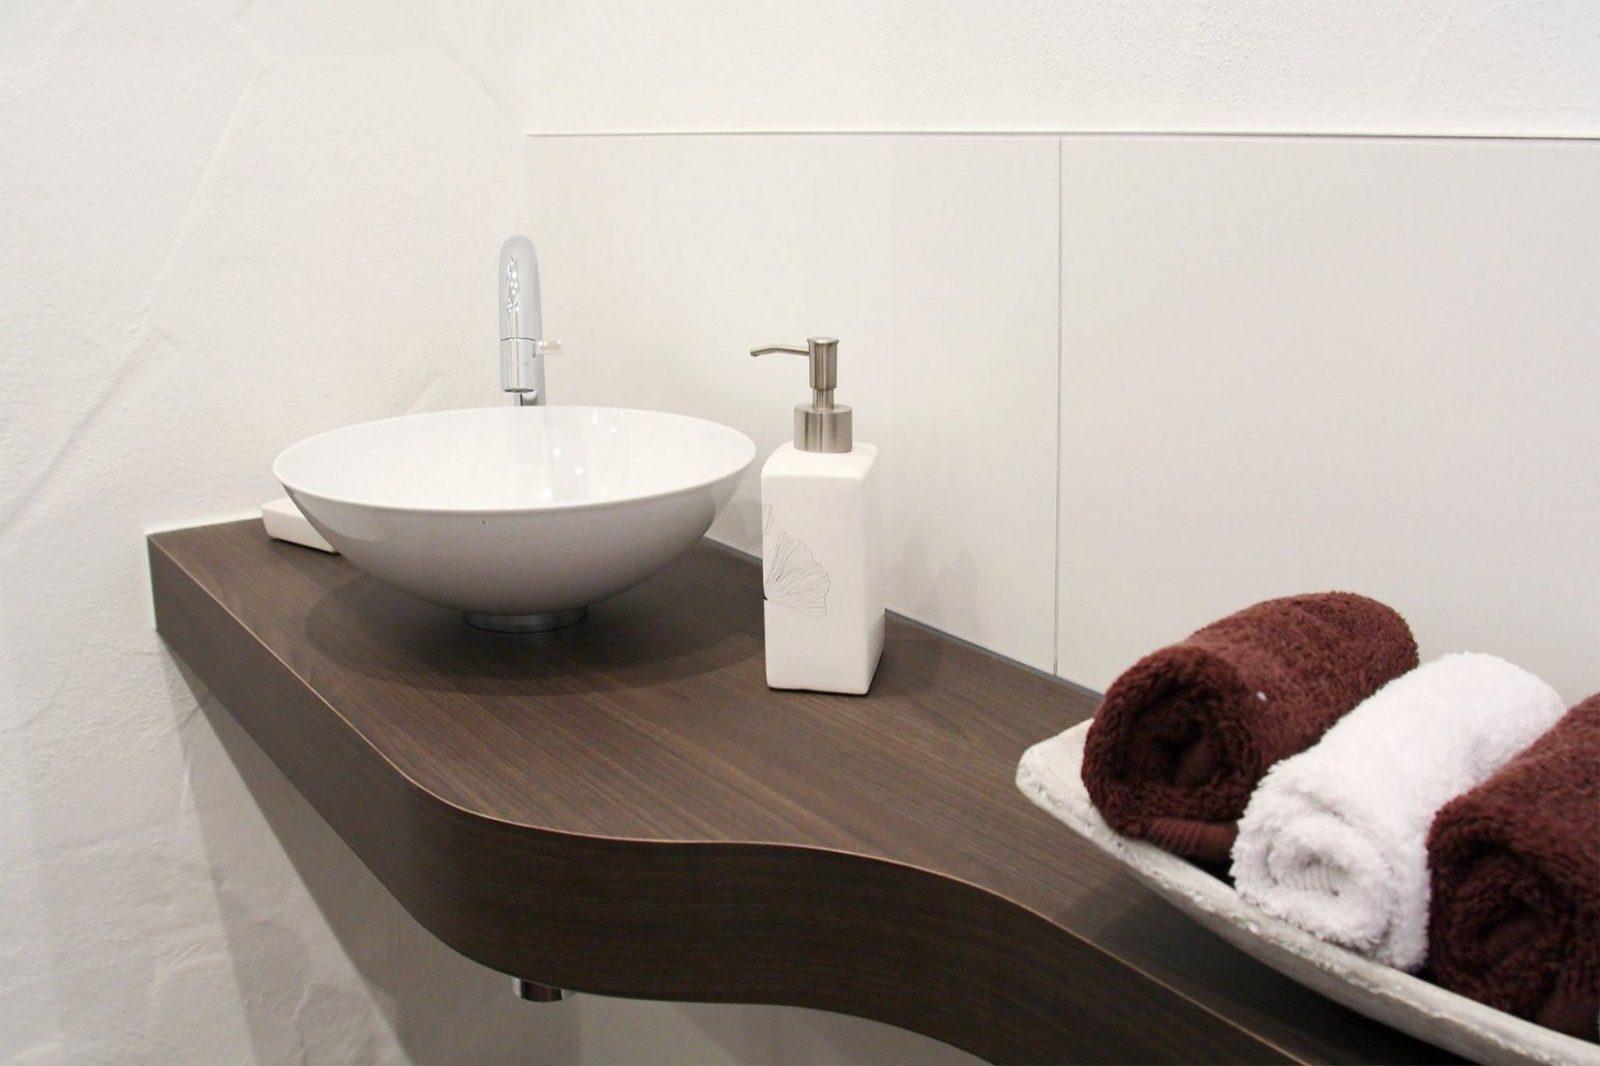 Schön Kleine Waschbecken Für Gäste Wc Für Waschbecken Mit von Waschbecken Gäste Wc Villeroy Und Boch Bild